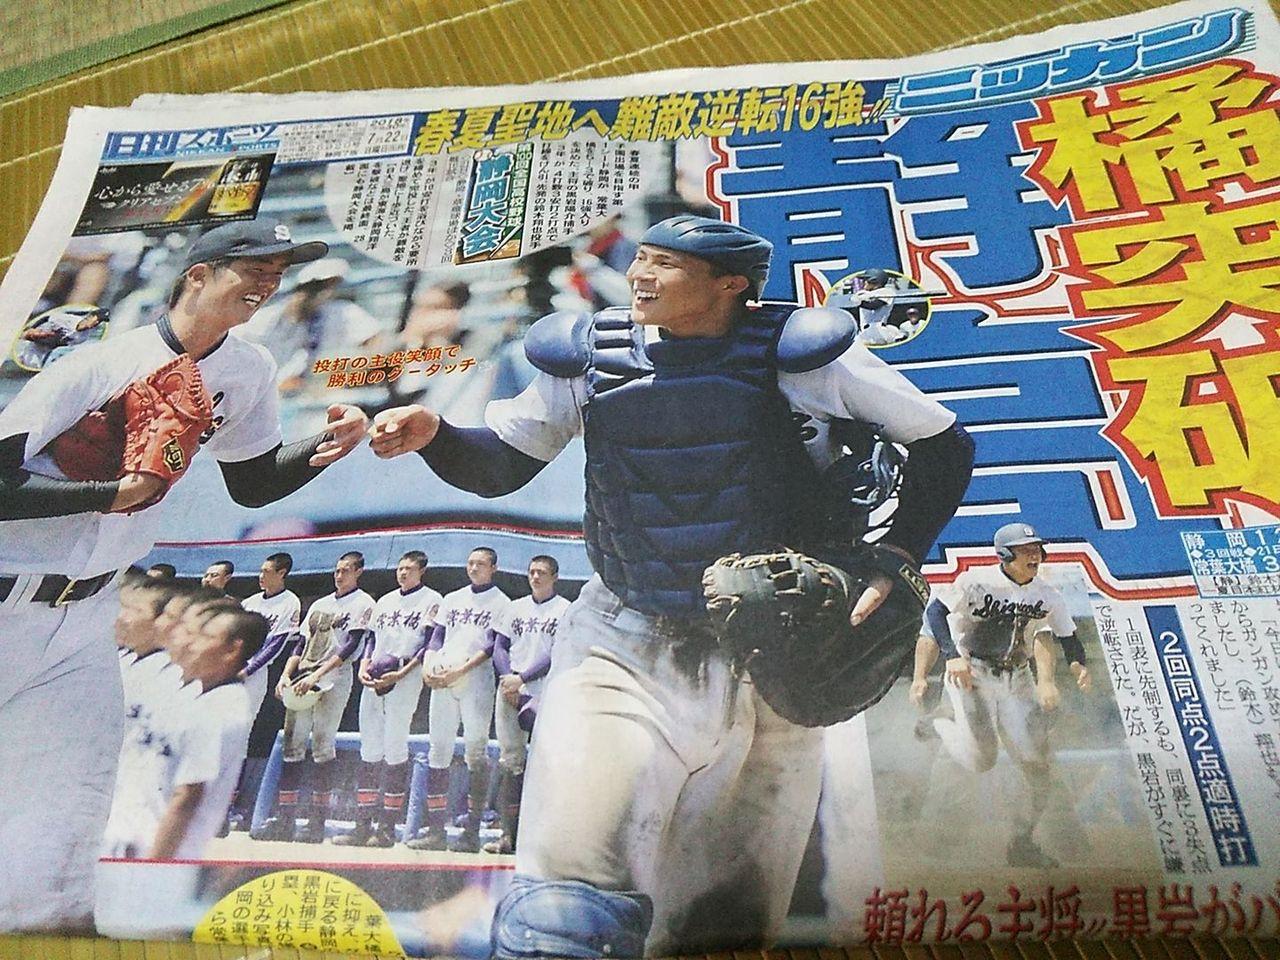 静岡 県 高校 野球 結果